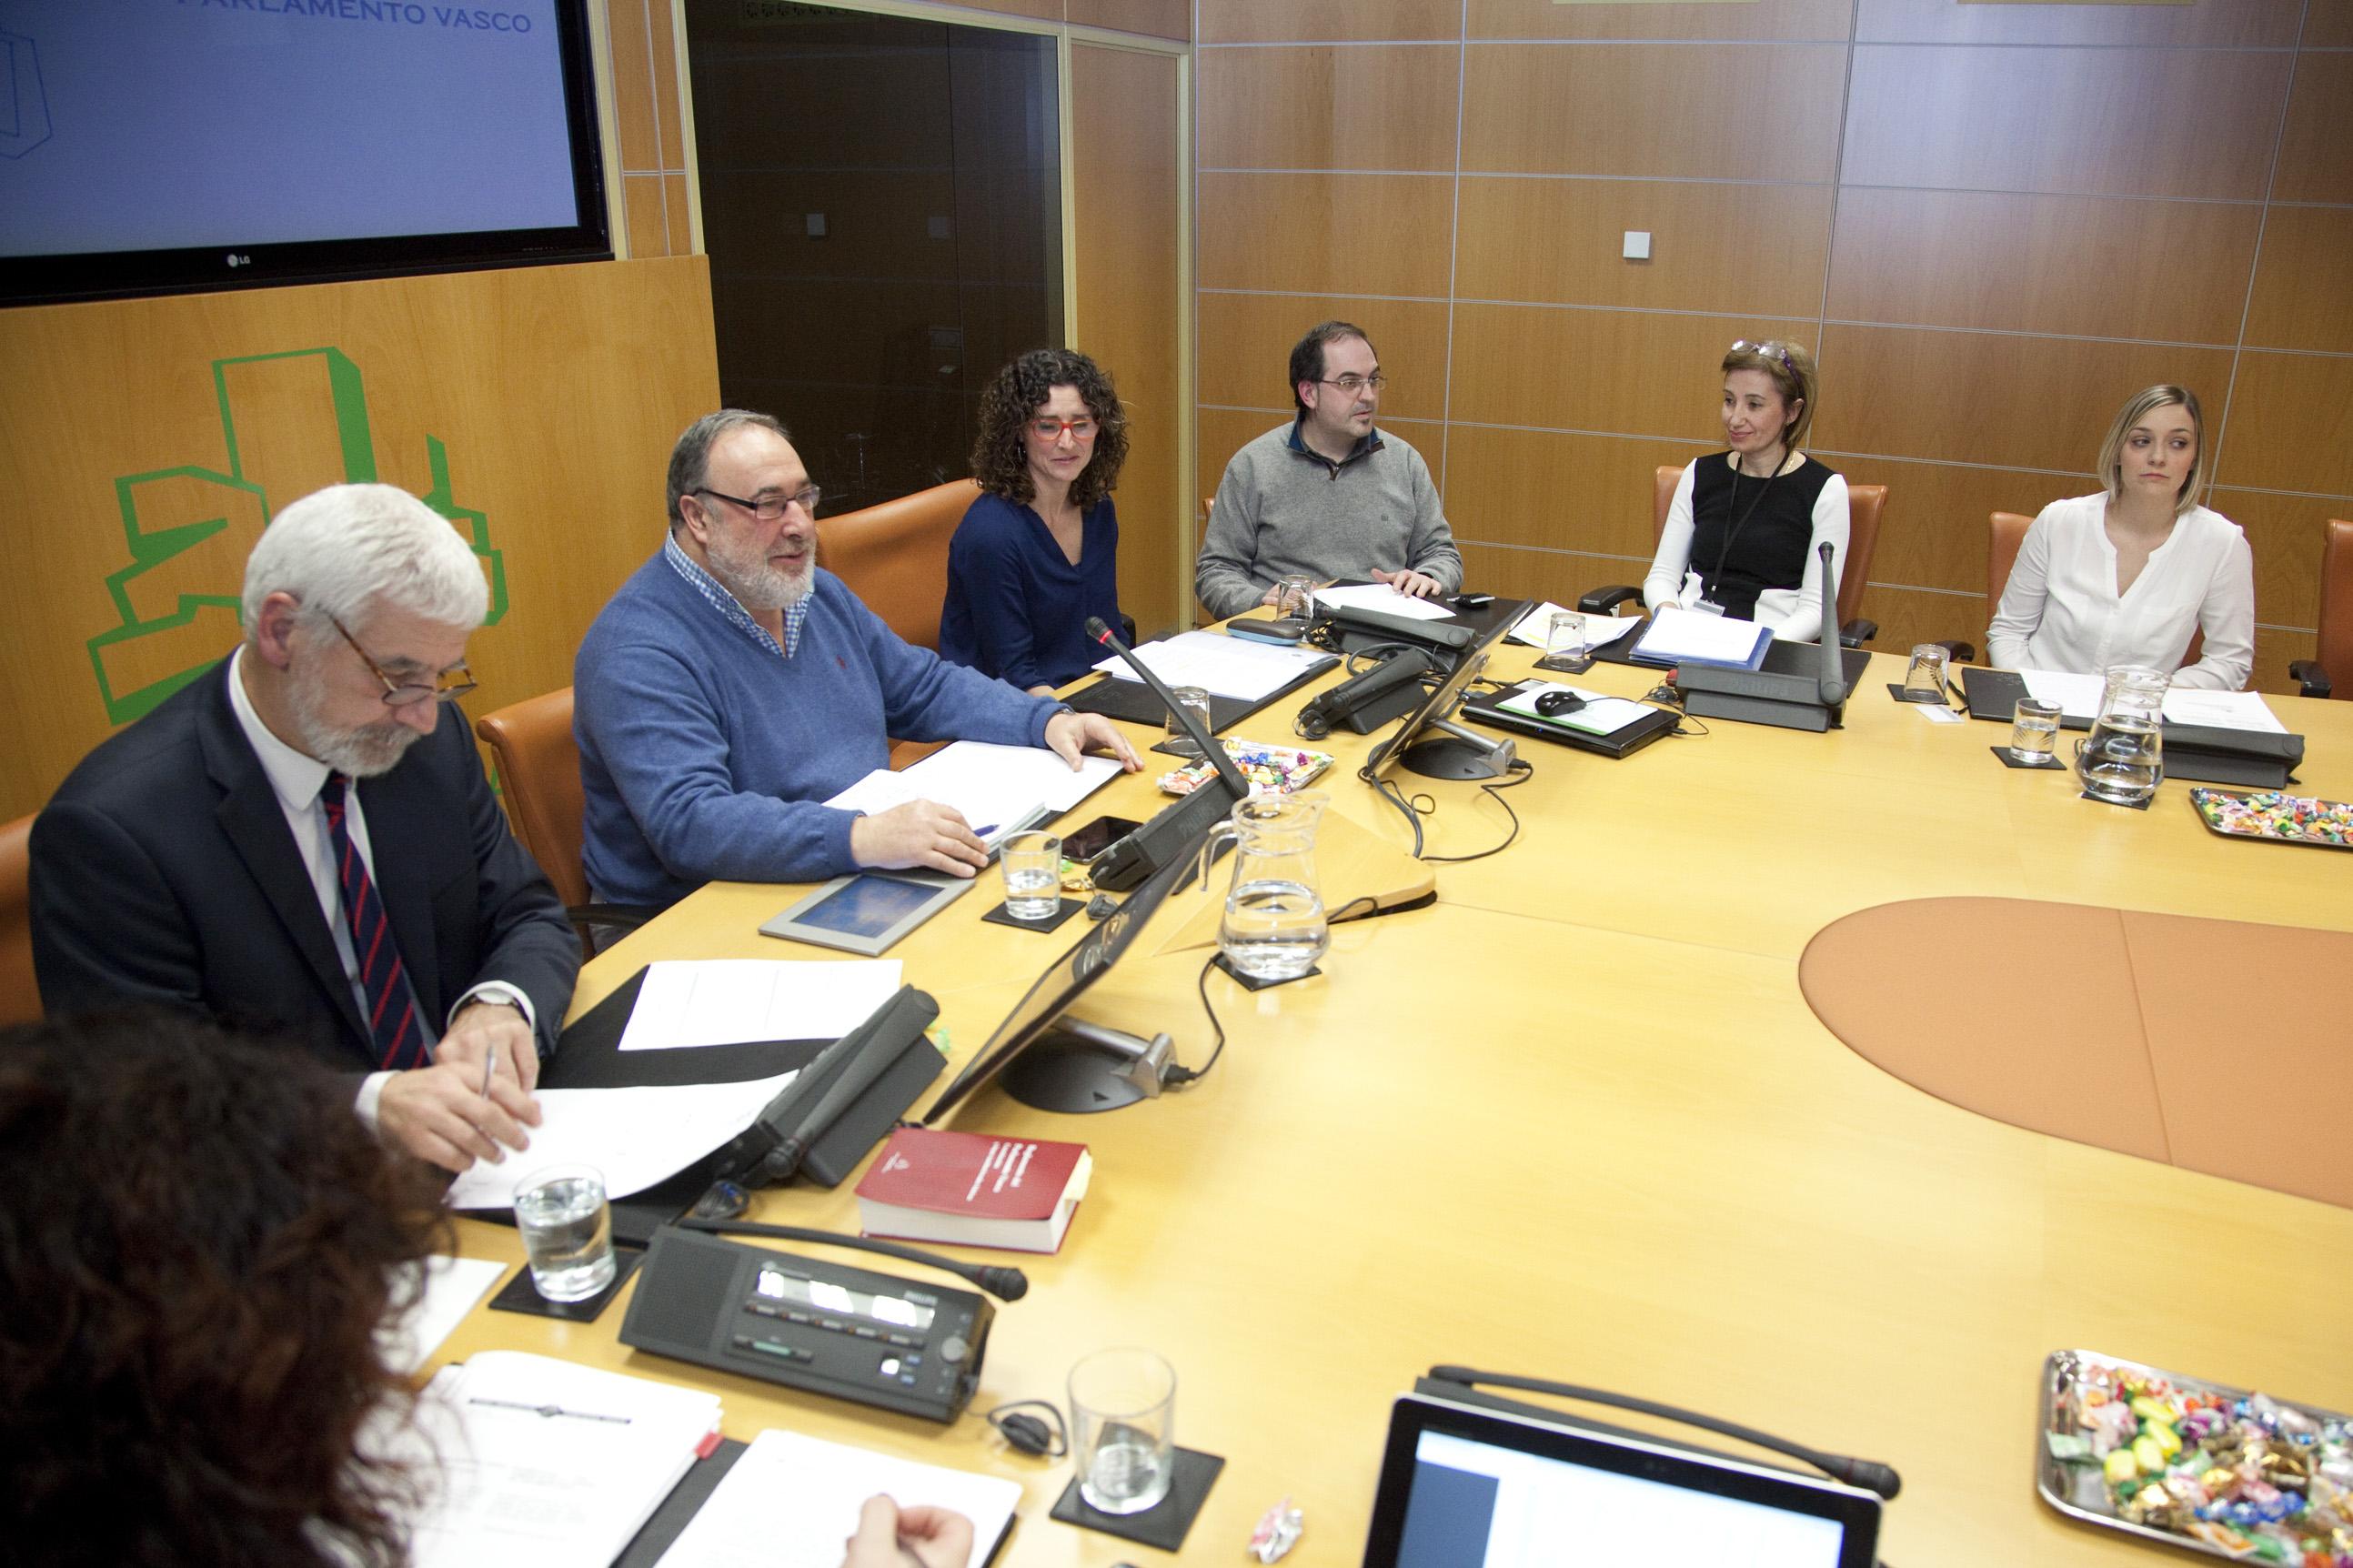 2017.02.21 Hiru Hamabi - Parlamento Vasco Eusko Legebiltzarra